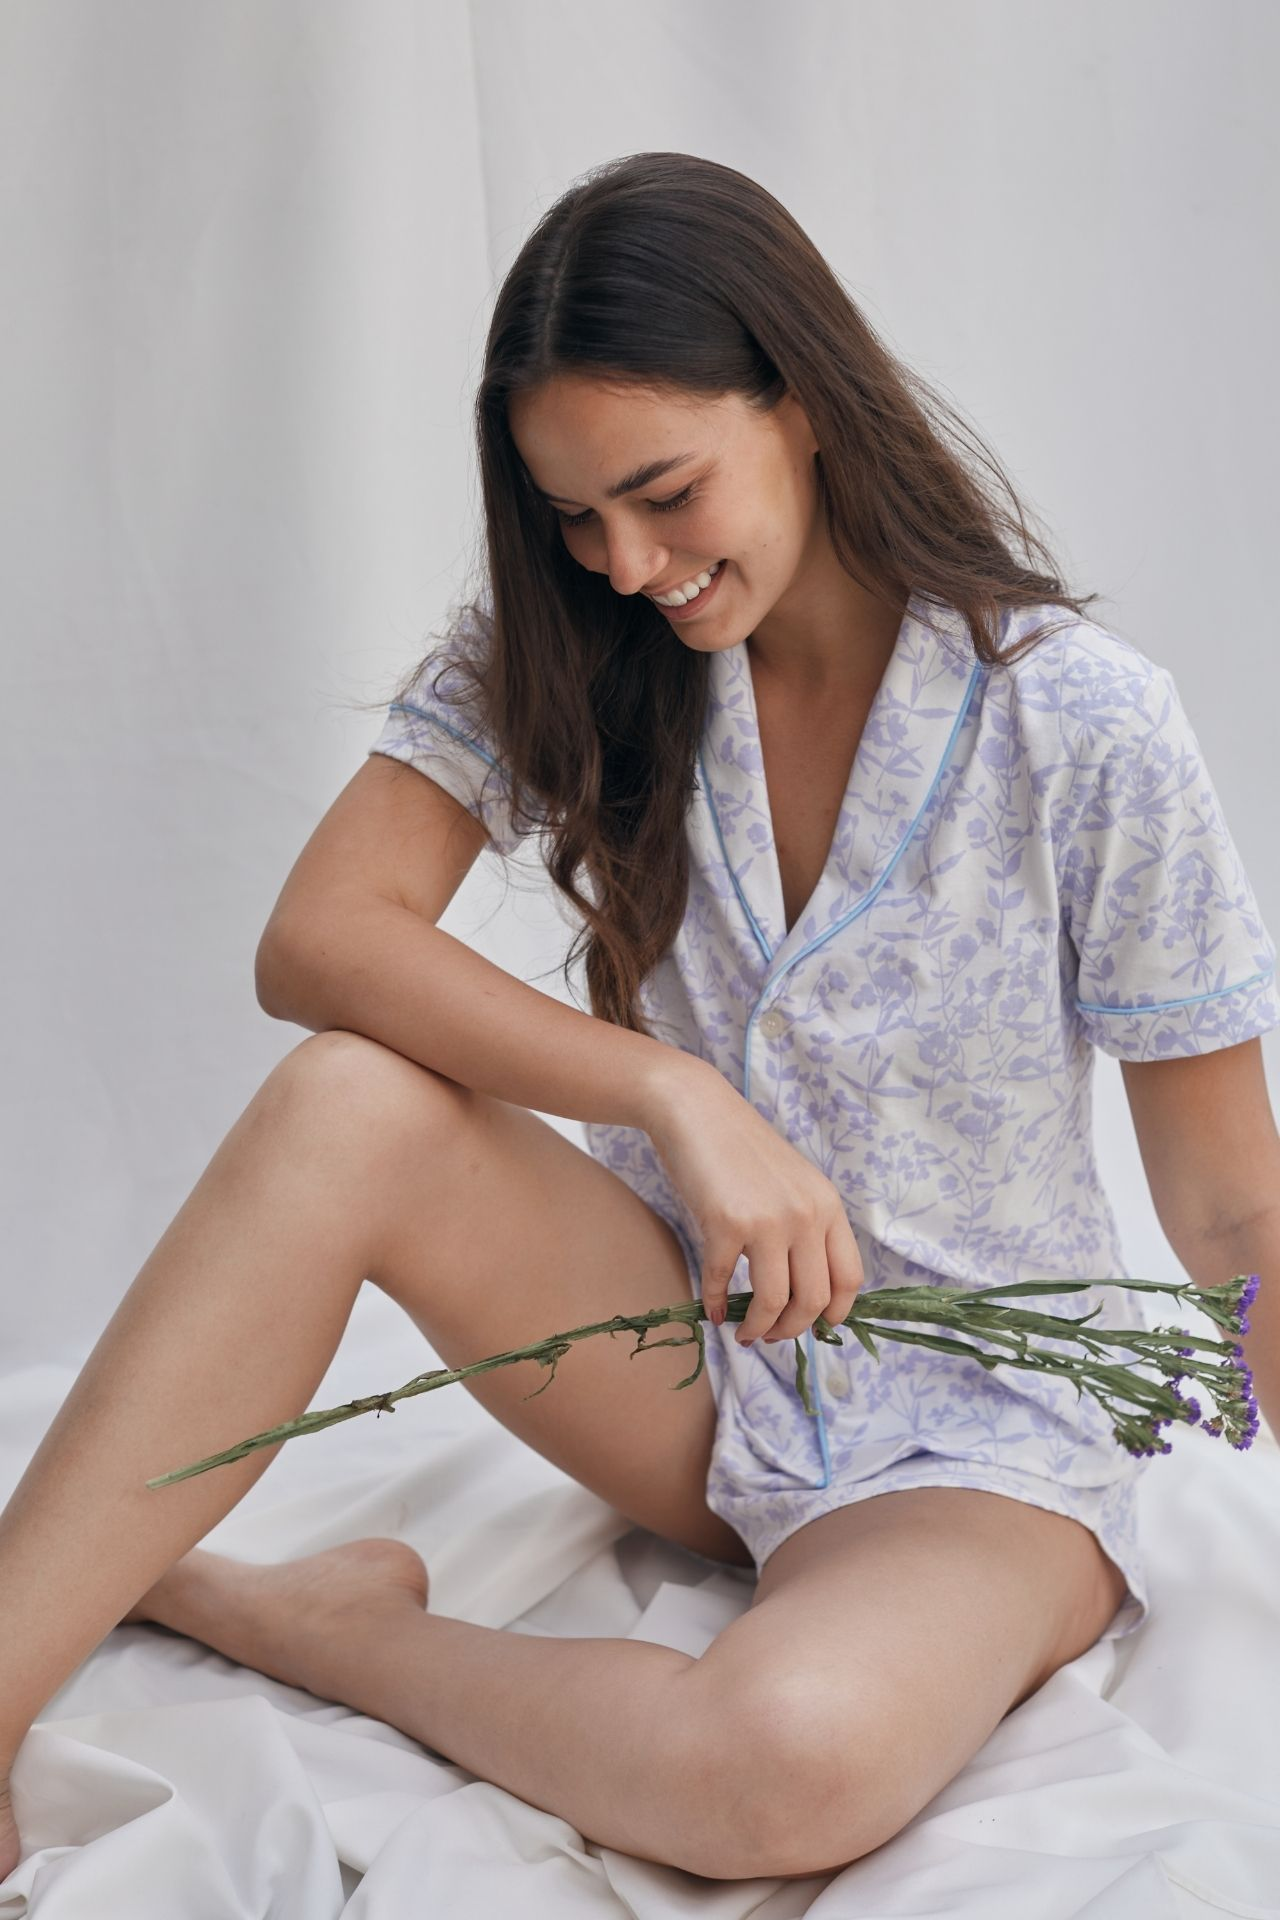 Pijama de dos piezas, compuesto por camisa y short. Confeccionado en algodón peruano de alta calidad y con un estampado pintado a mano, exclusivo de la marca.